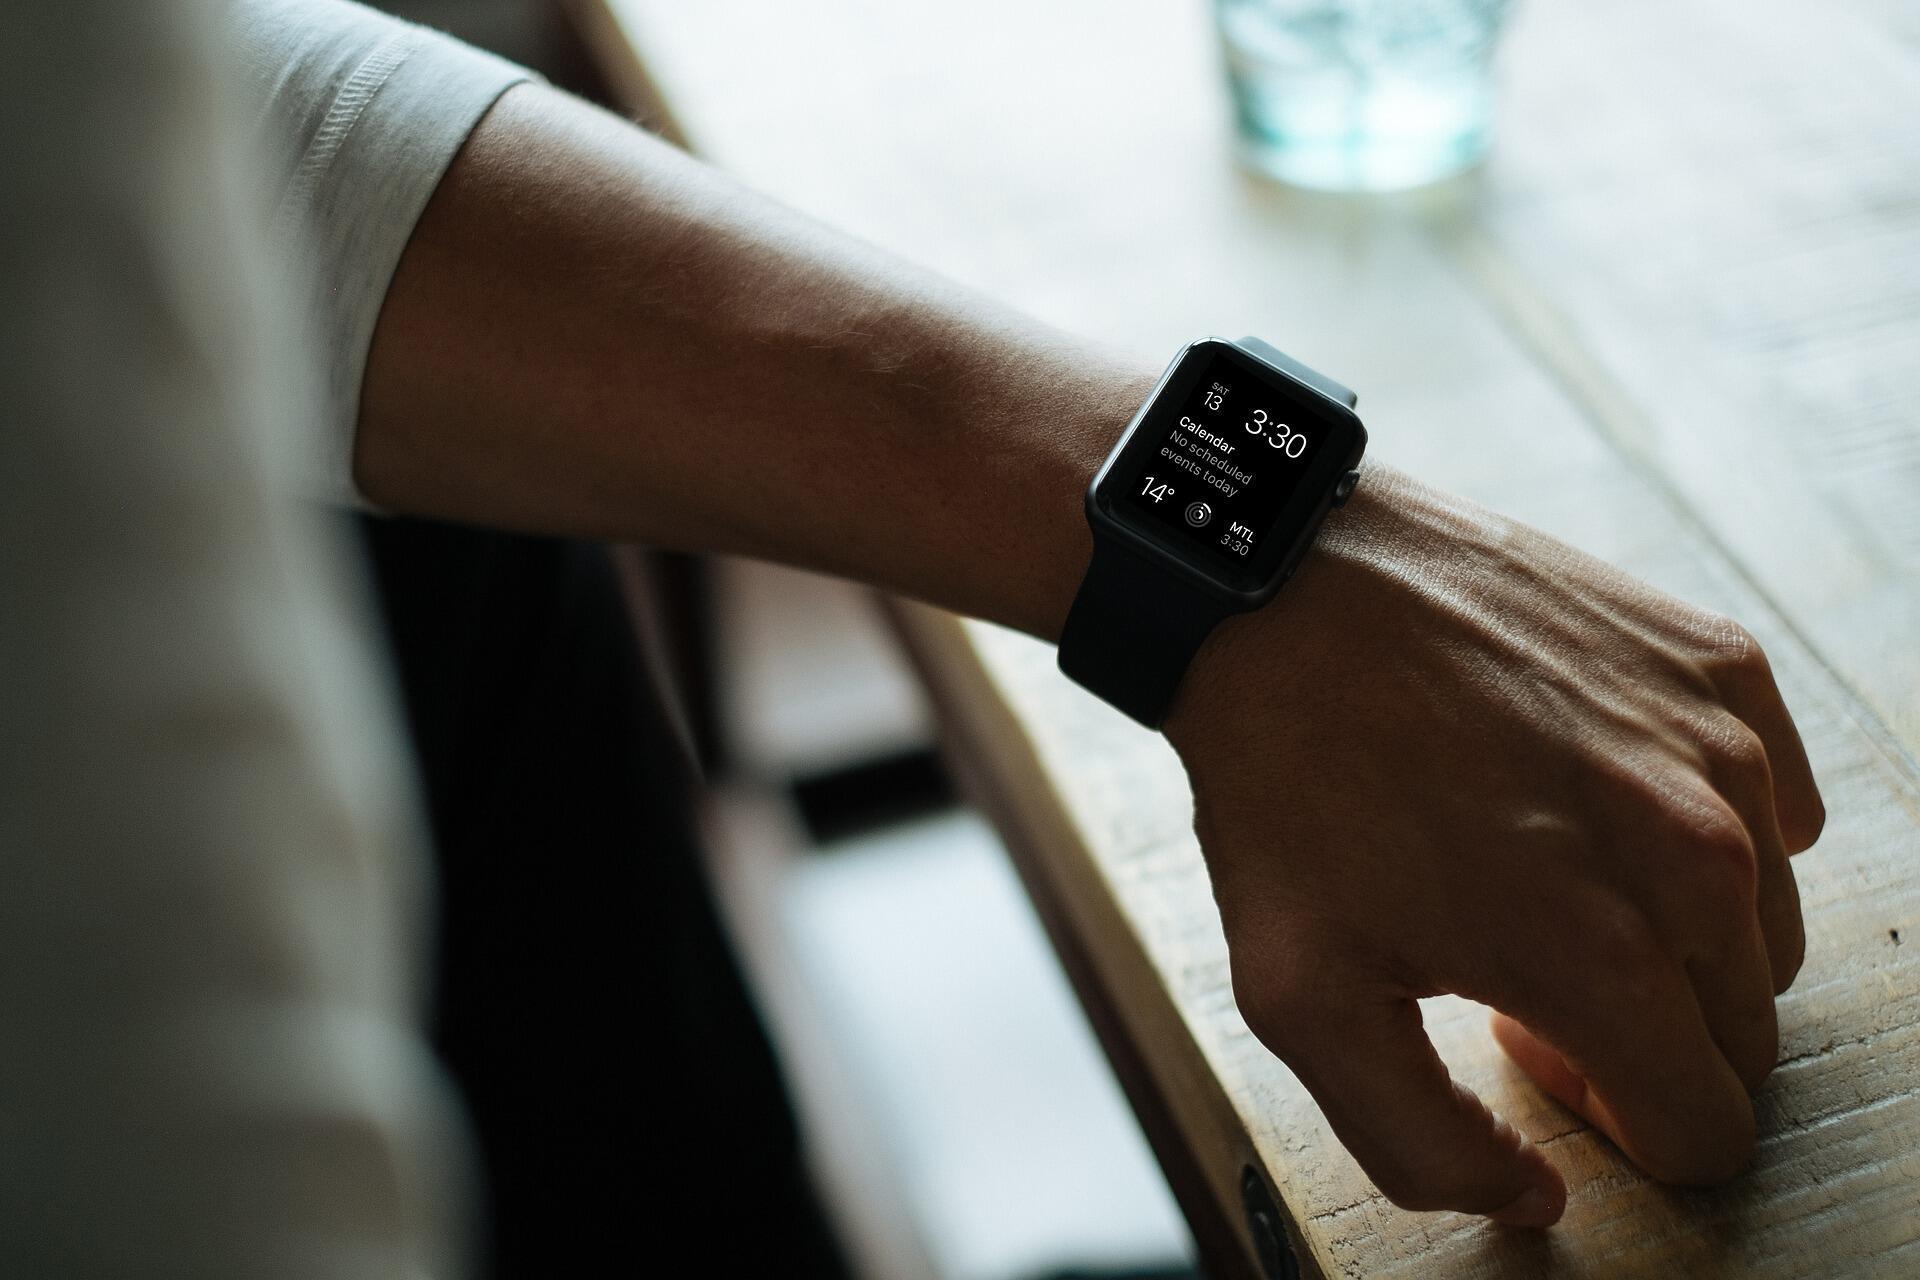 apple-watch-828827_1920